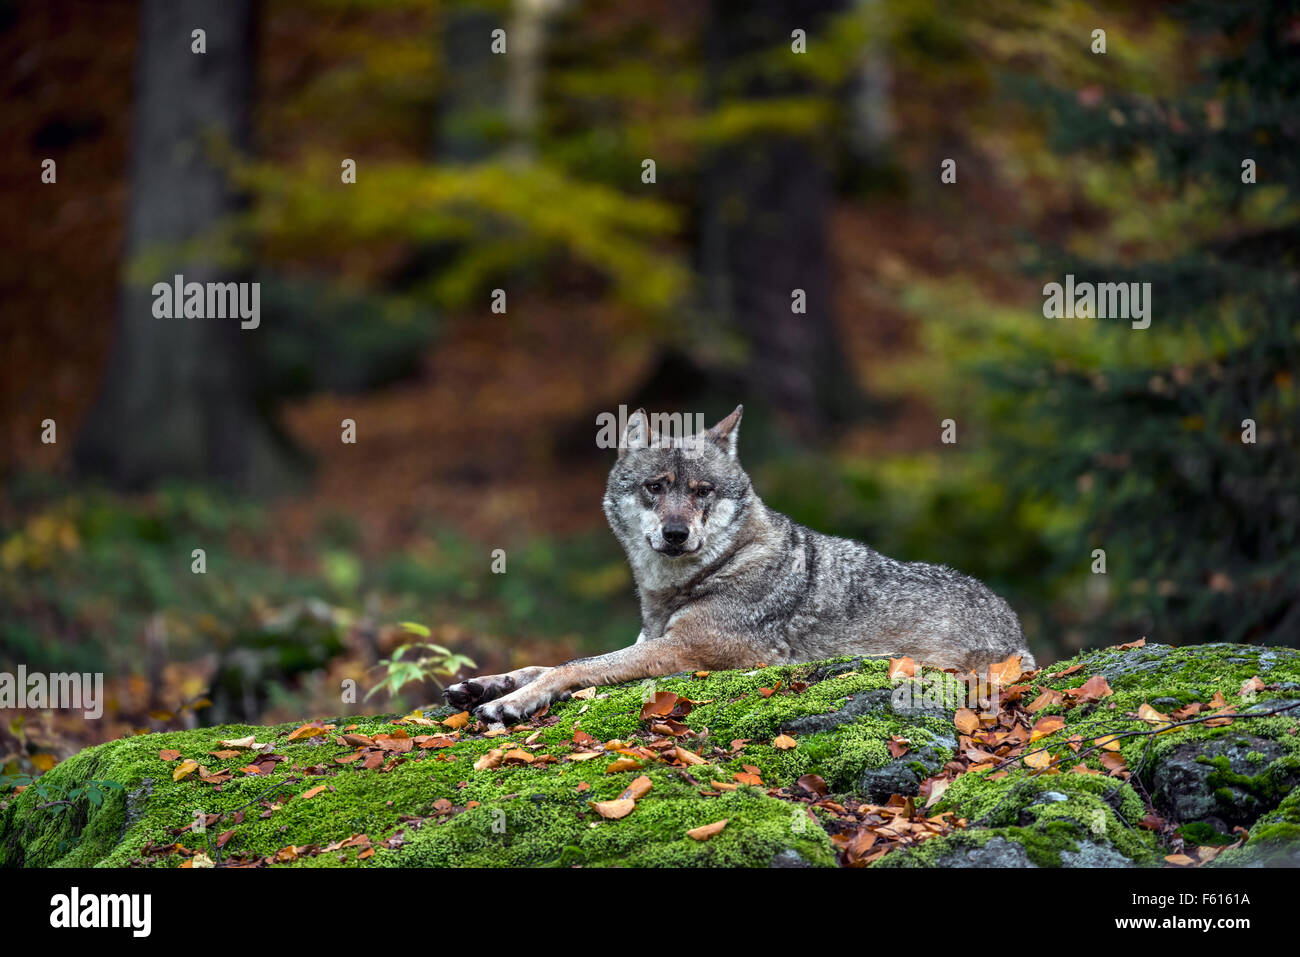 Unión lobo gris (Canis lupus) descansando sobre una roca en el bosque Imagen De Stock